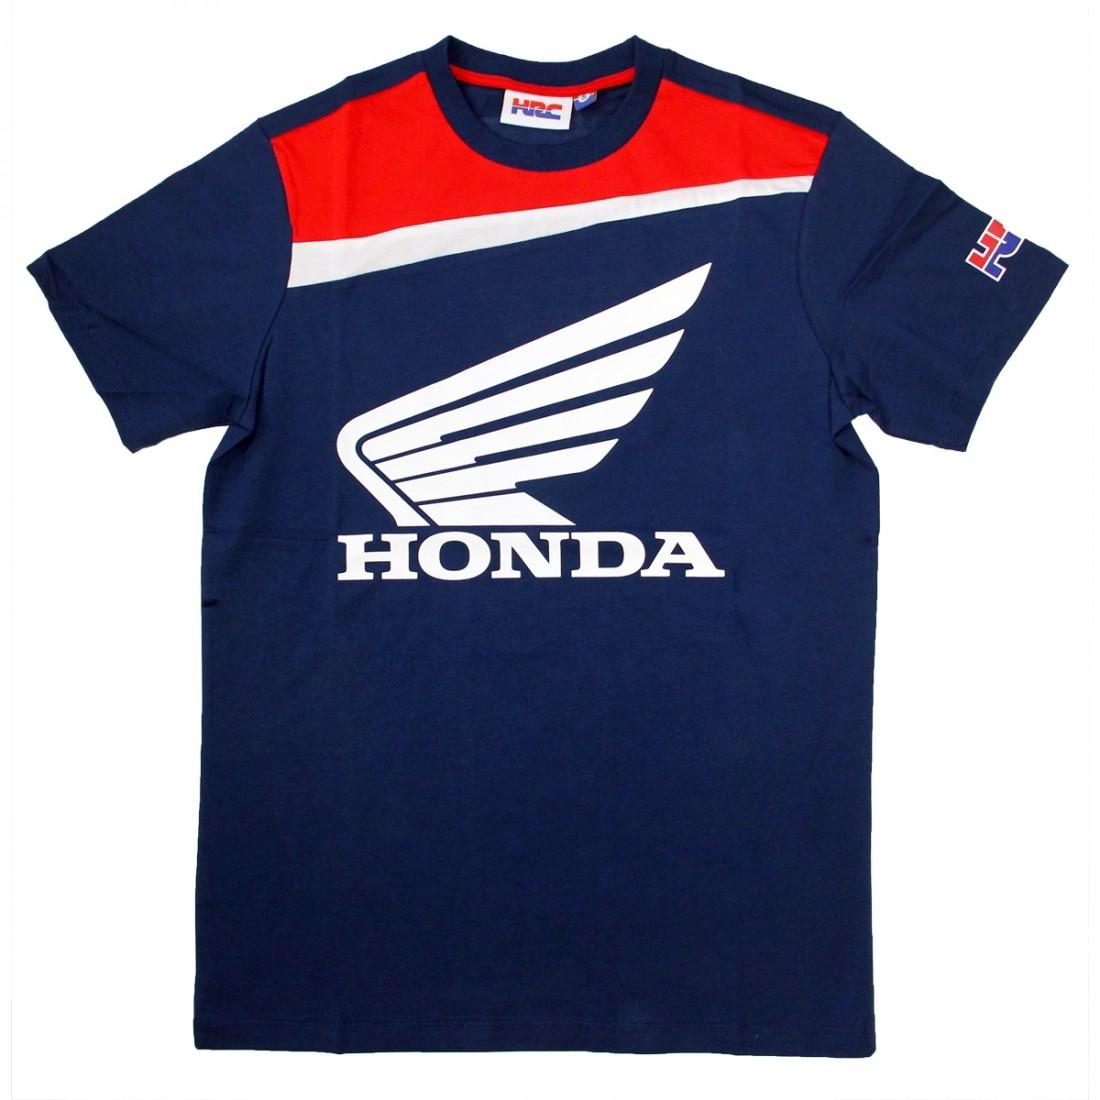 Racing Motocard Gp Apparel · Maglietta Honda 1838010 Hrc 35j4ALR